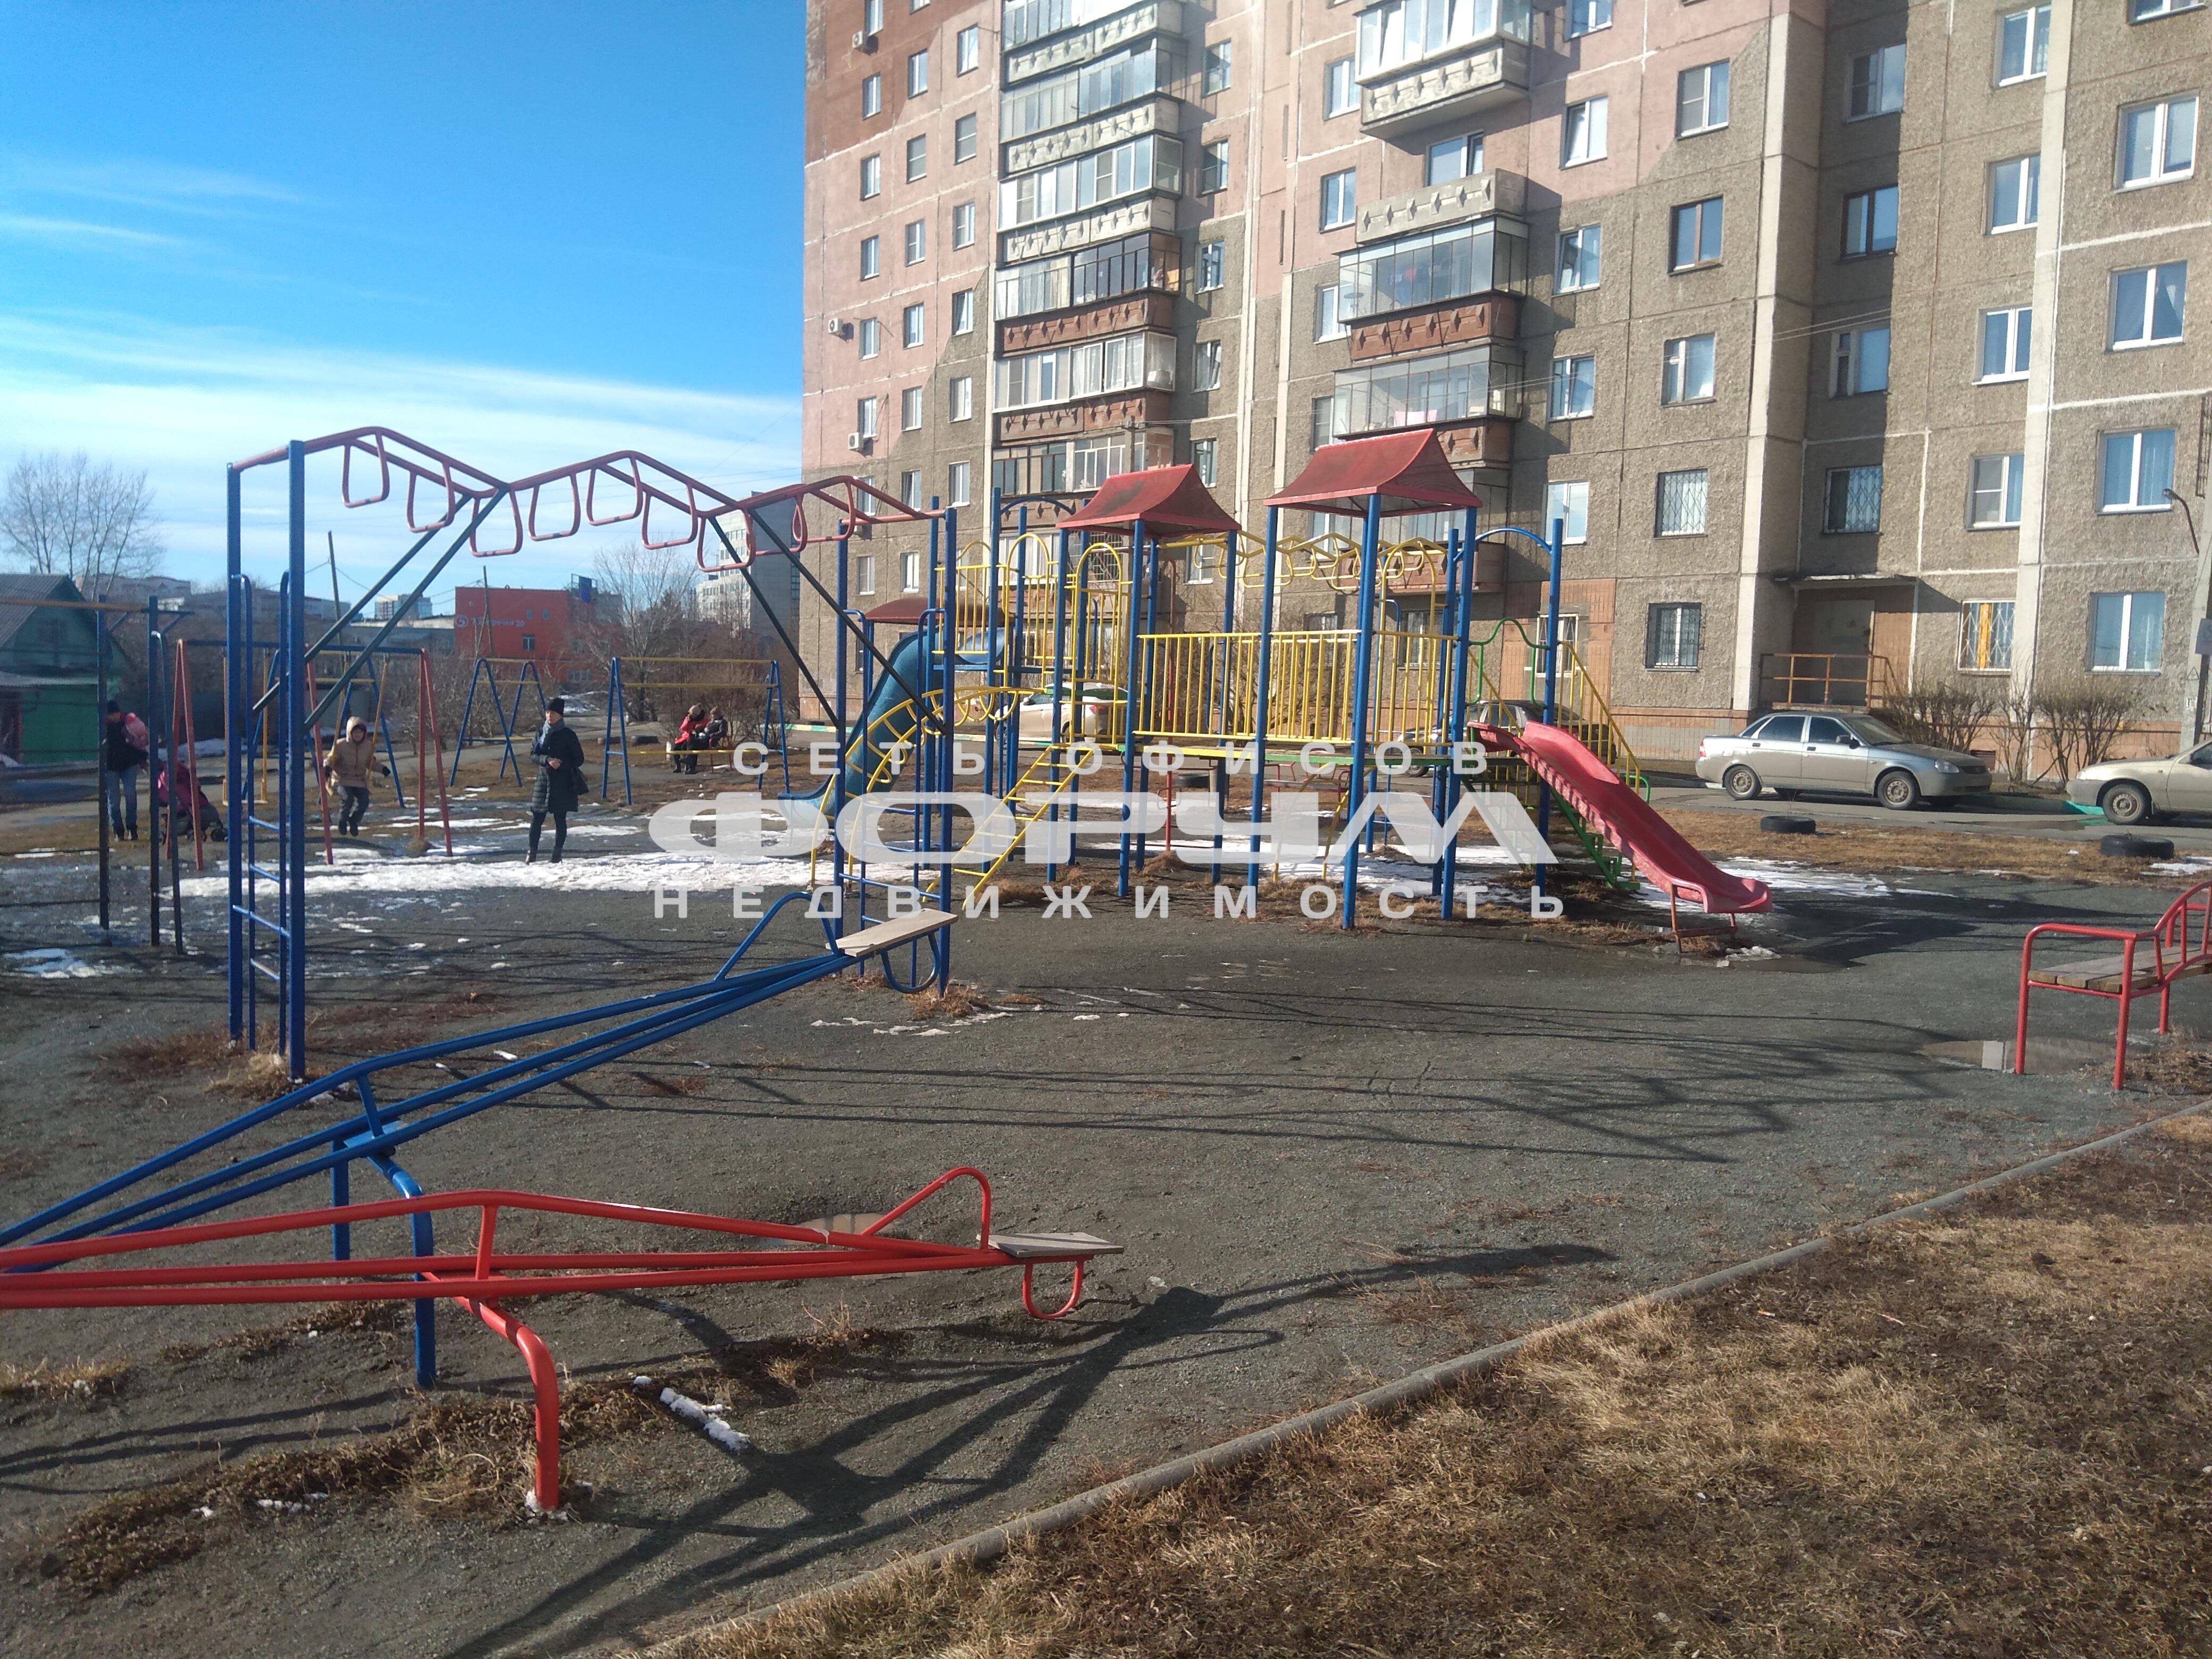 Челябинская область, Челябинск, ул. Островского, 70 8